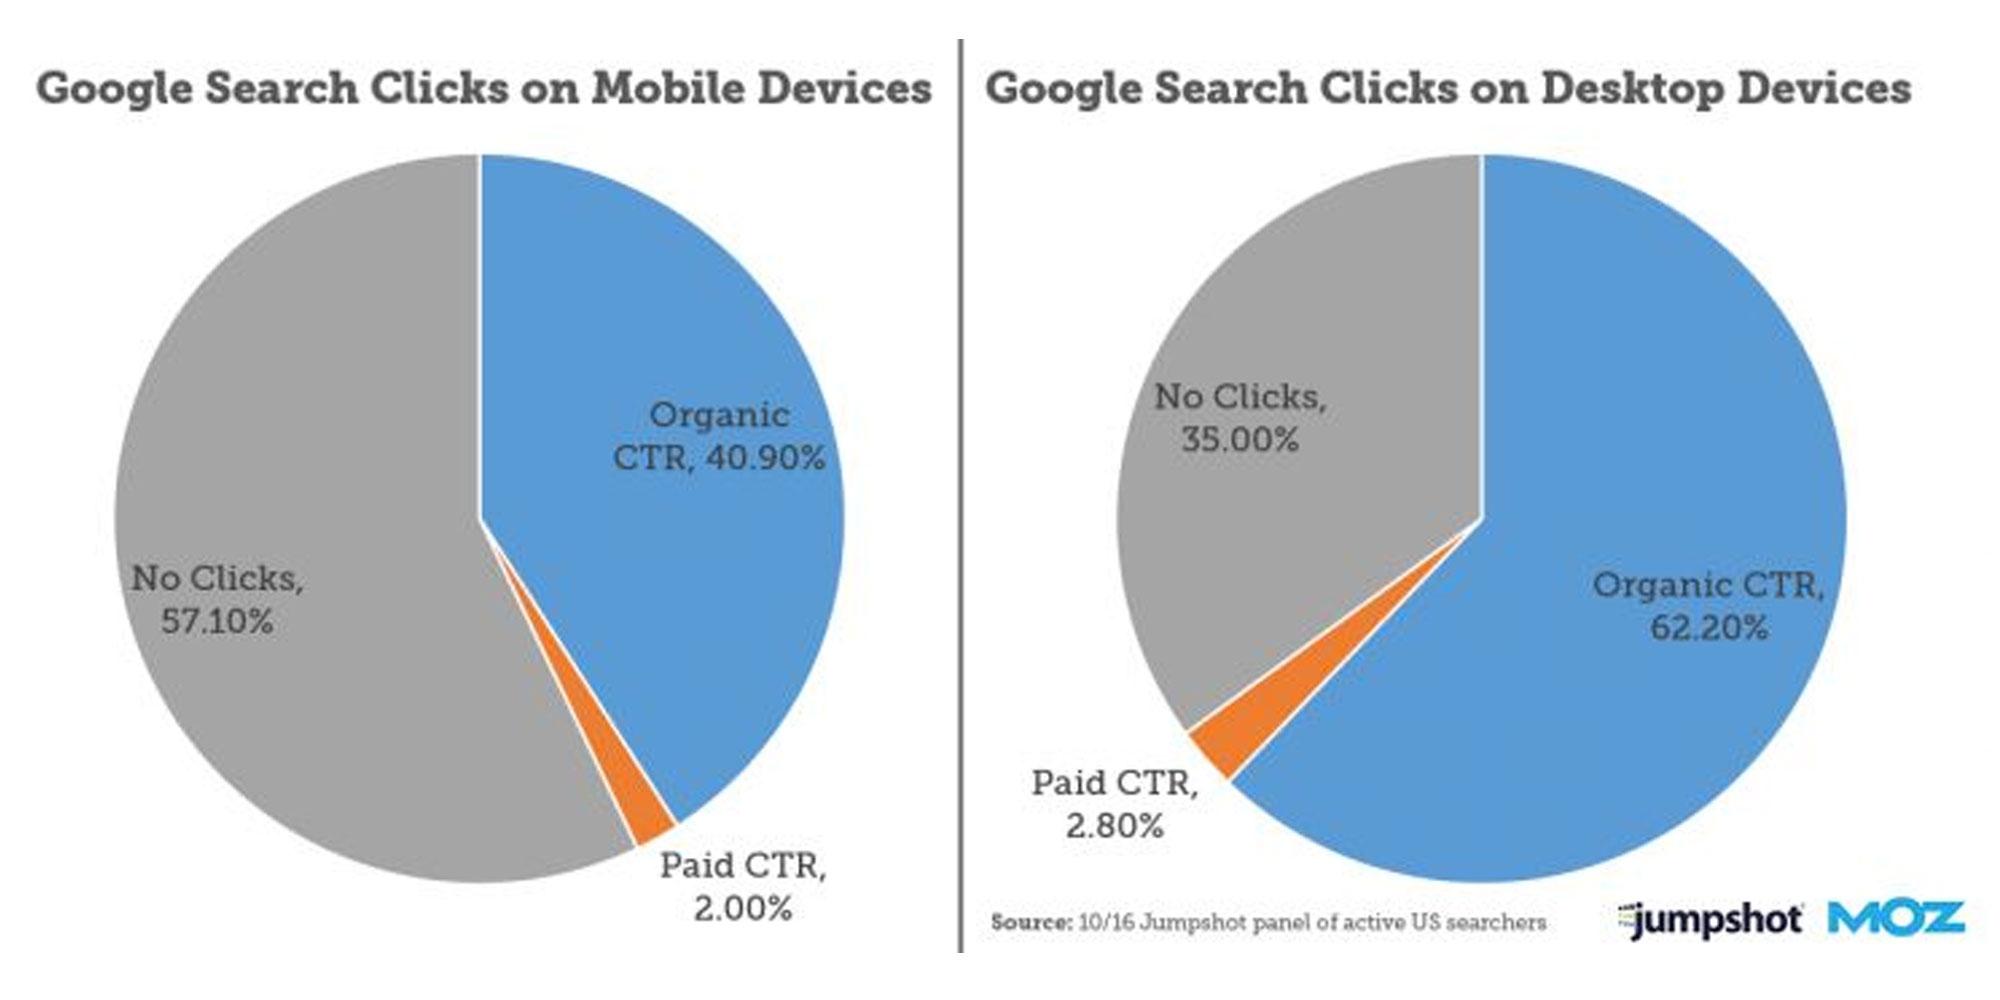 میزان کلیک ها در گوگل